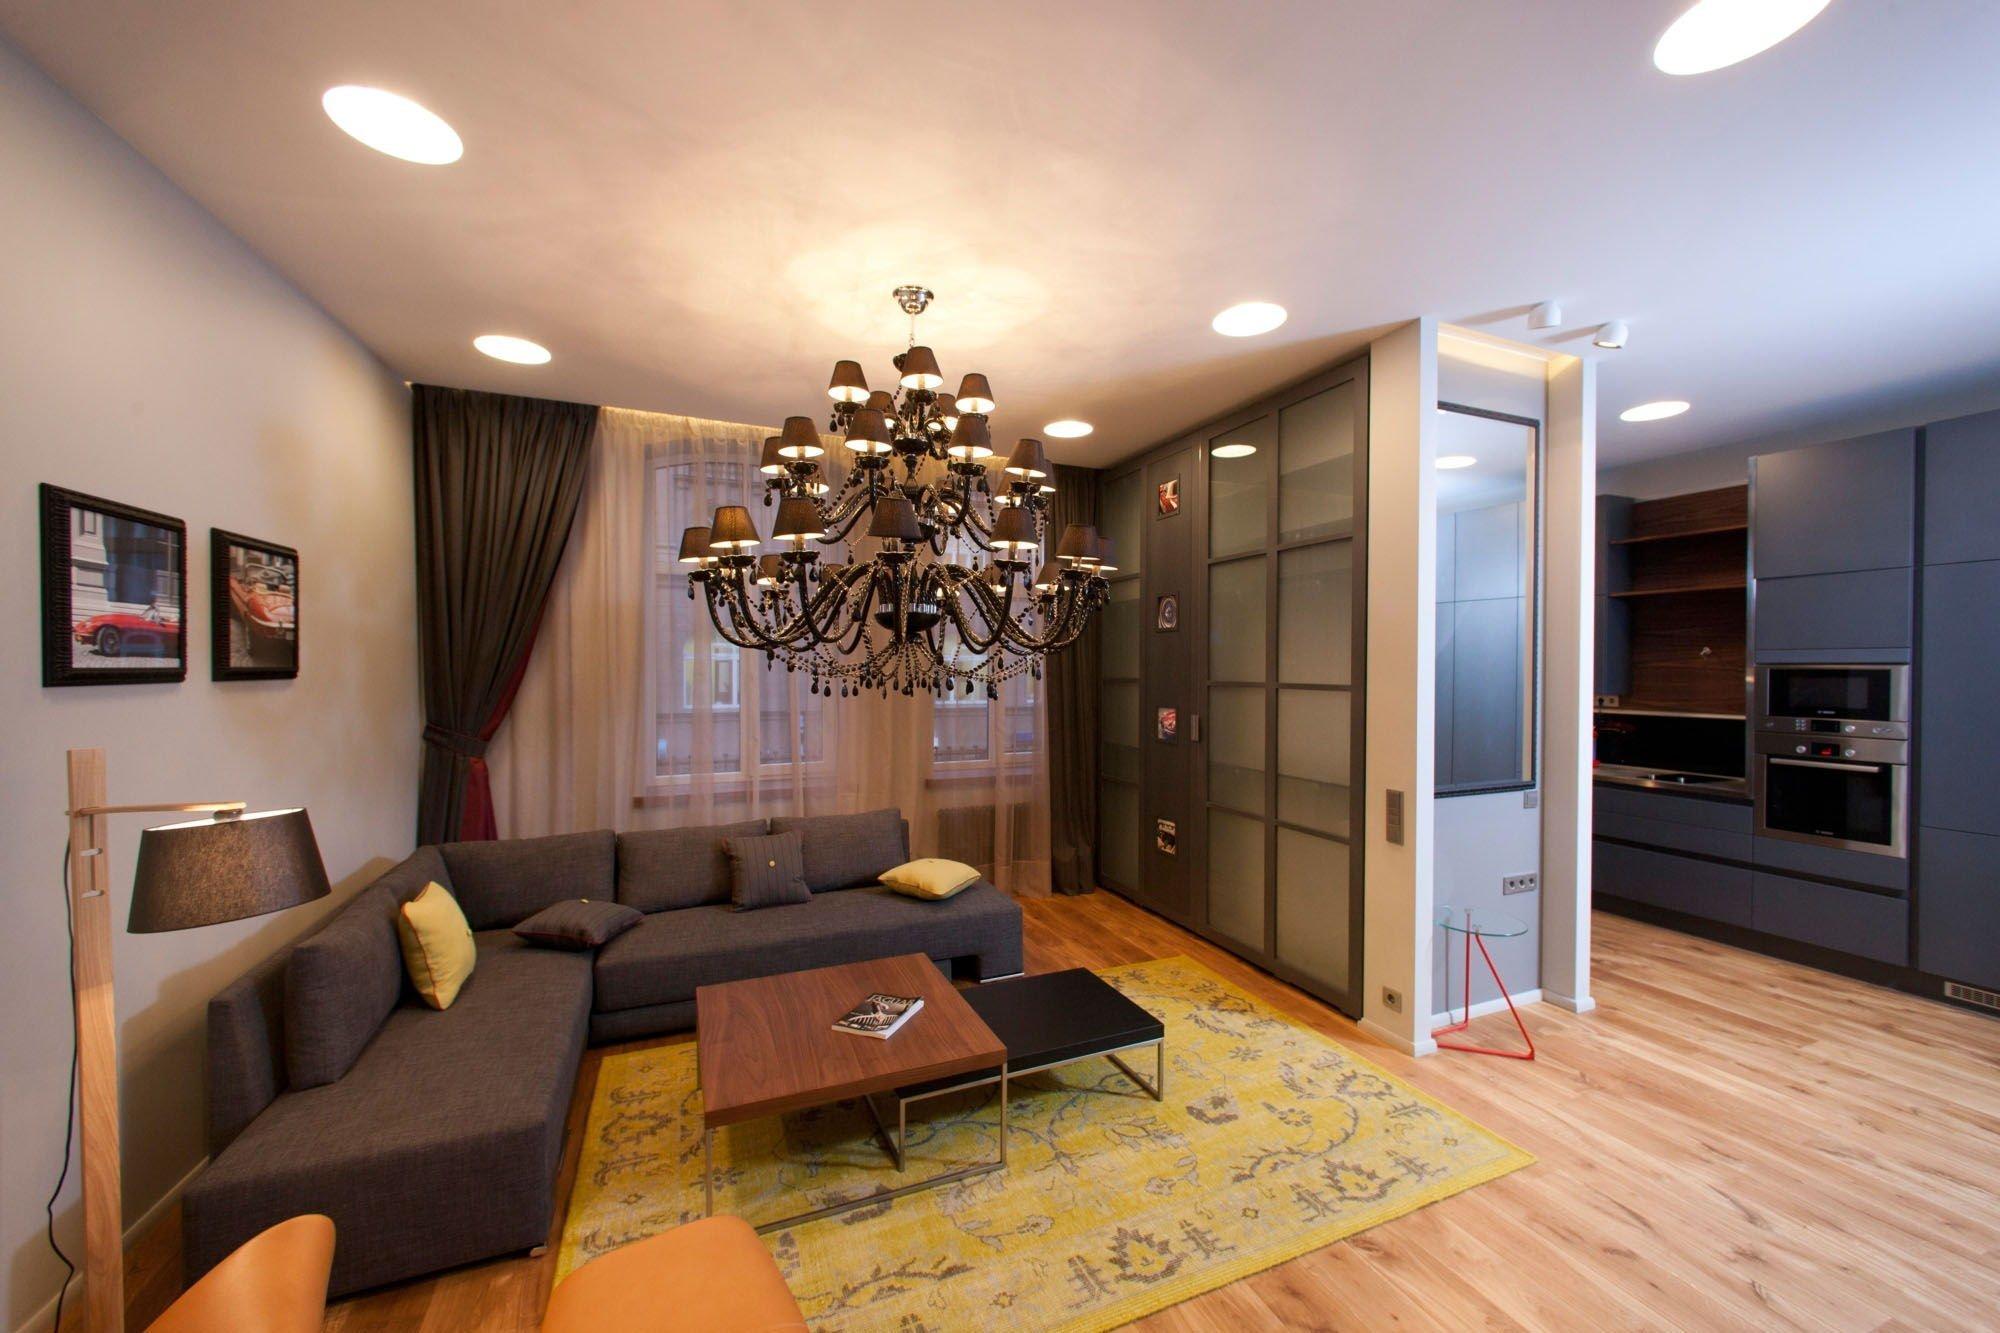 дизайн реальных фото однокомнатной квартиры популярный